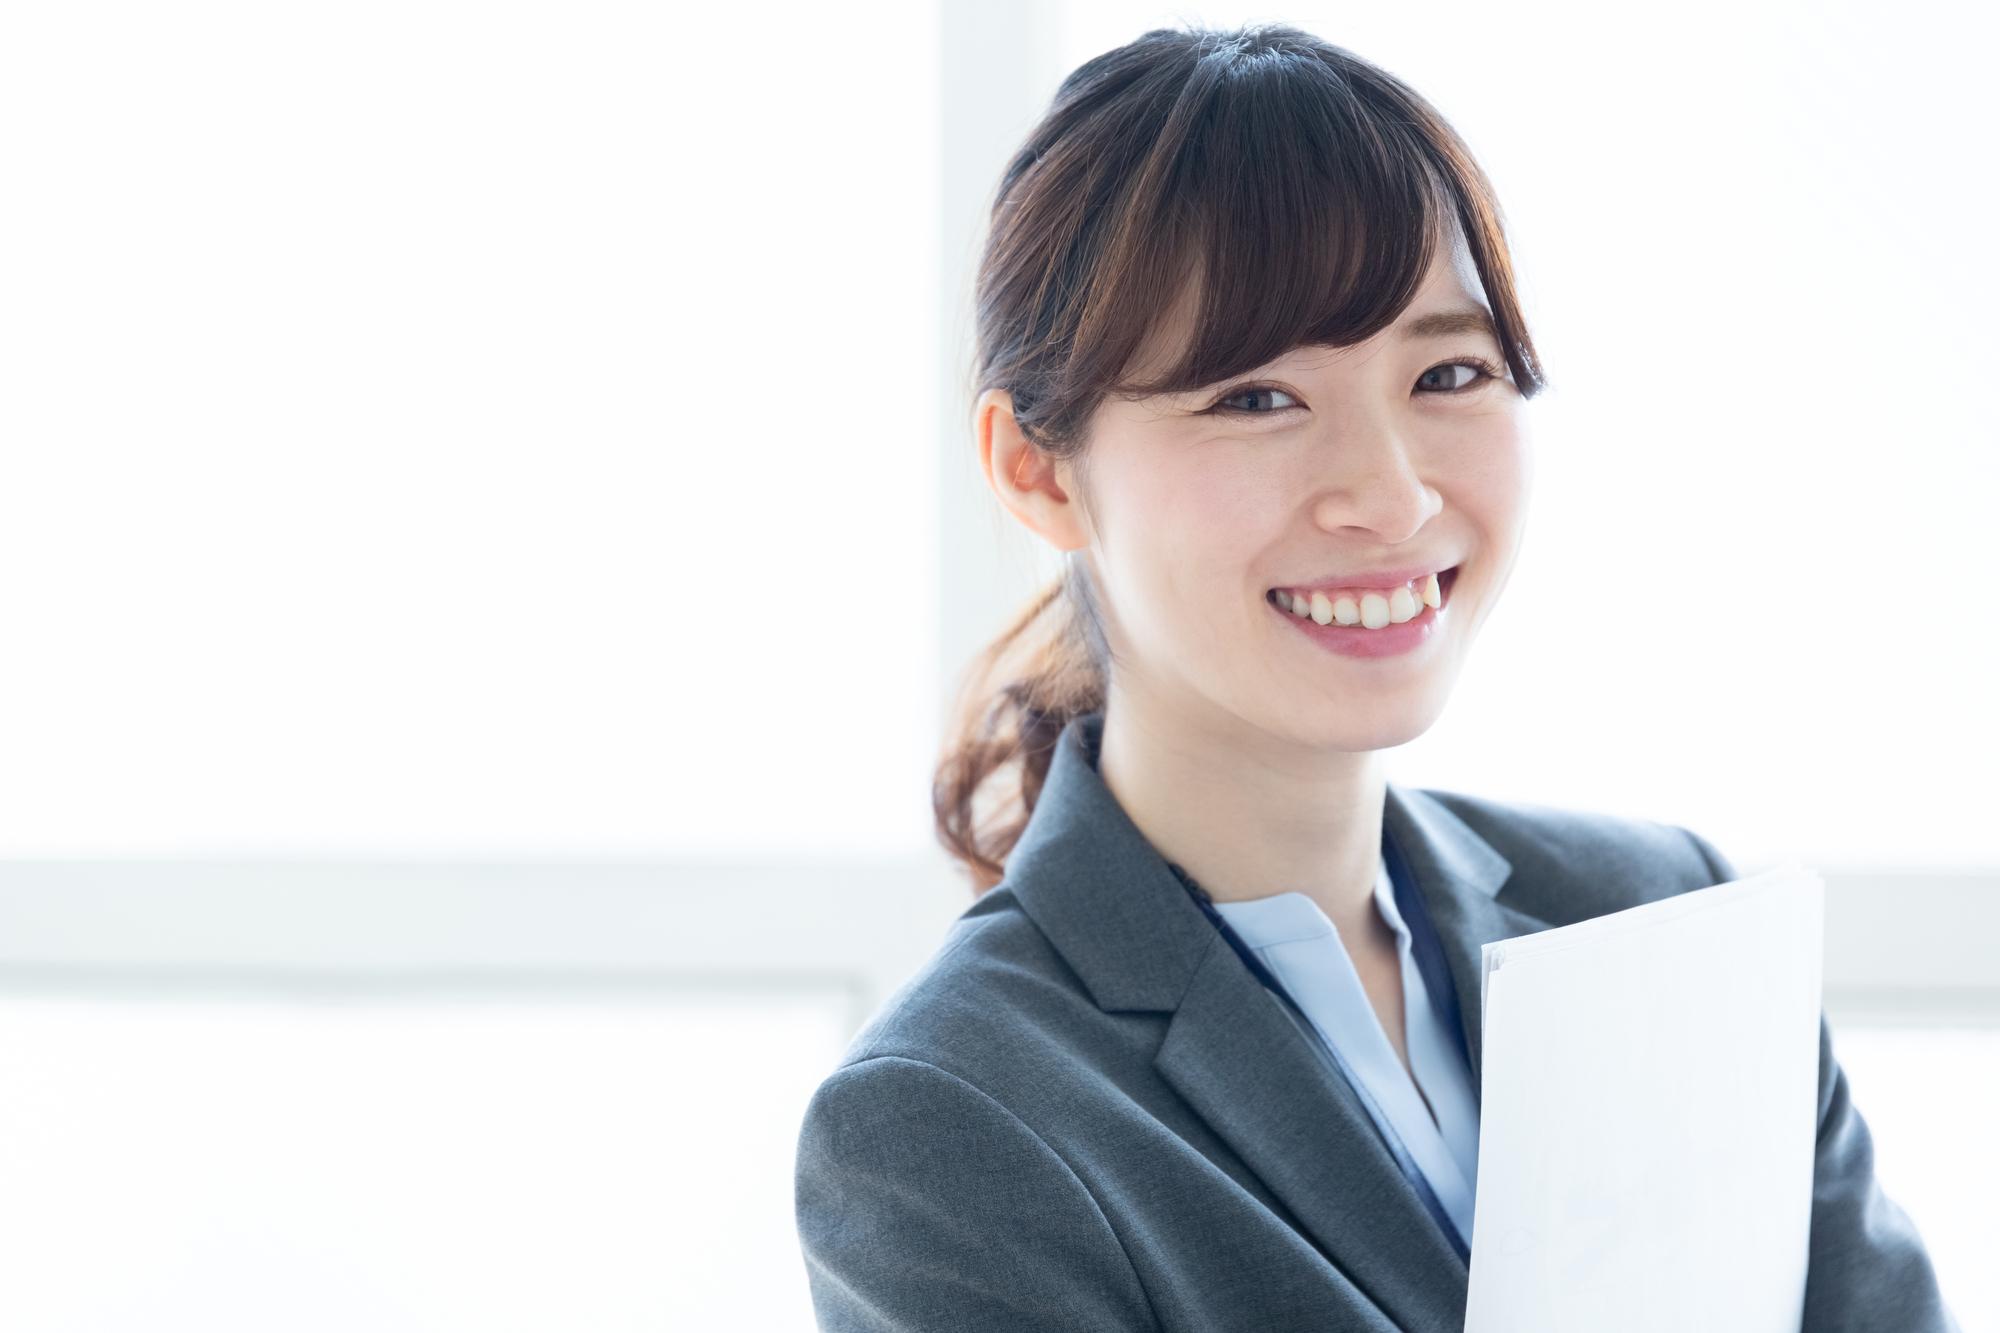 効率的に就職転職活動を行えるハタラクティブのサポートとは